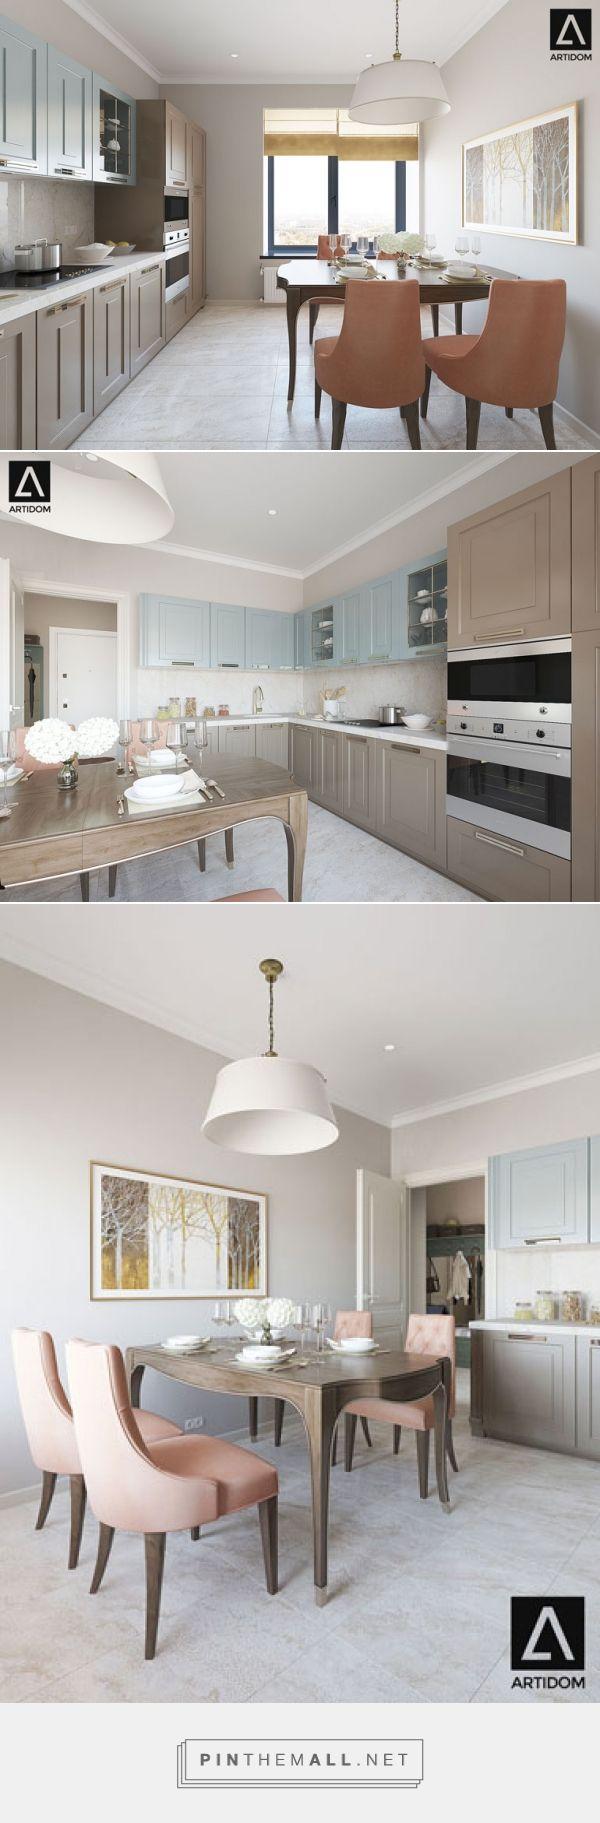 Blue beige classic kitchen. Warm neutral color palette. Orange chairs. Дизайн интерьера кухни в теплых натуральных оттенках. Голубая бежевая кухня. Обеденная зона.